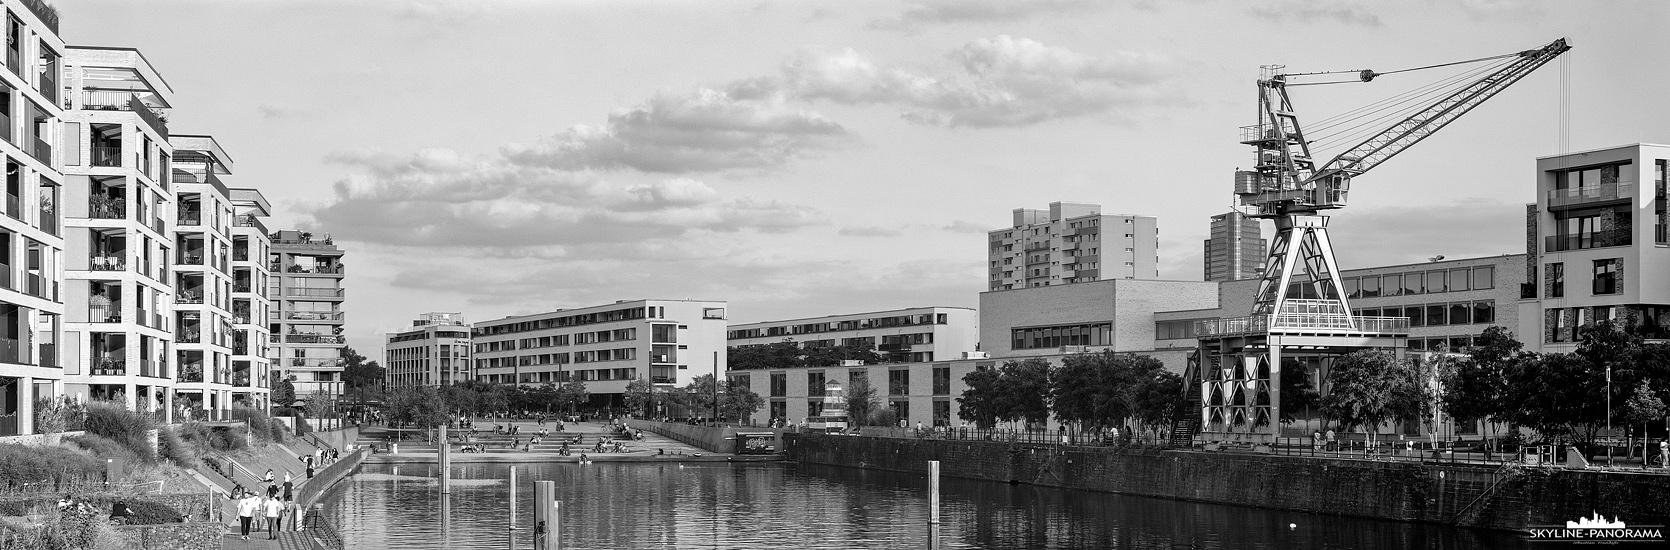 Stadtansicht von Offenbach – Die Hafentreppe im Hafen Offenbach, einem neuen Stadtviertel in der Lederstadt am Main.